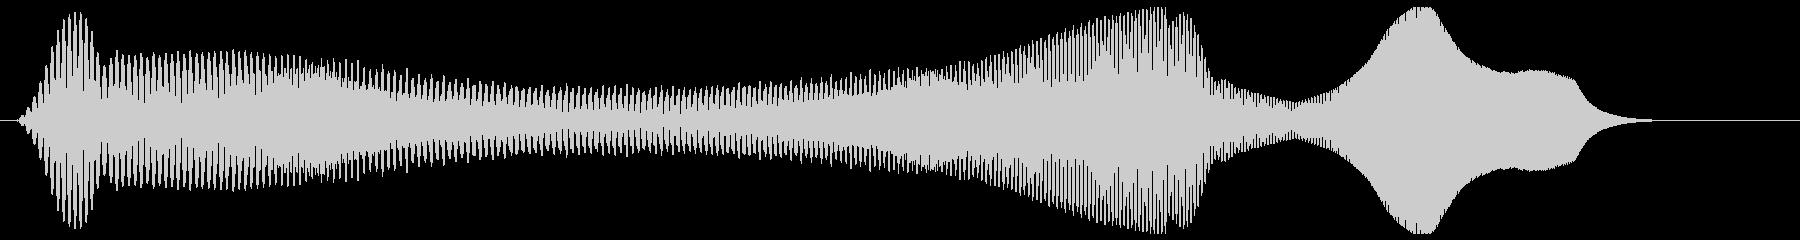 フワッフワン(浮上音)の未再生の波形